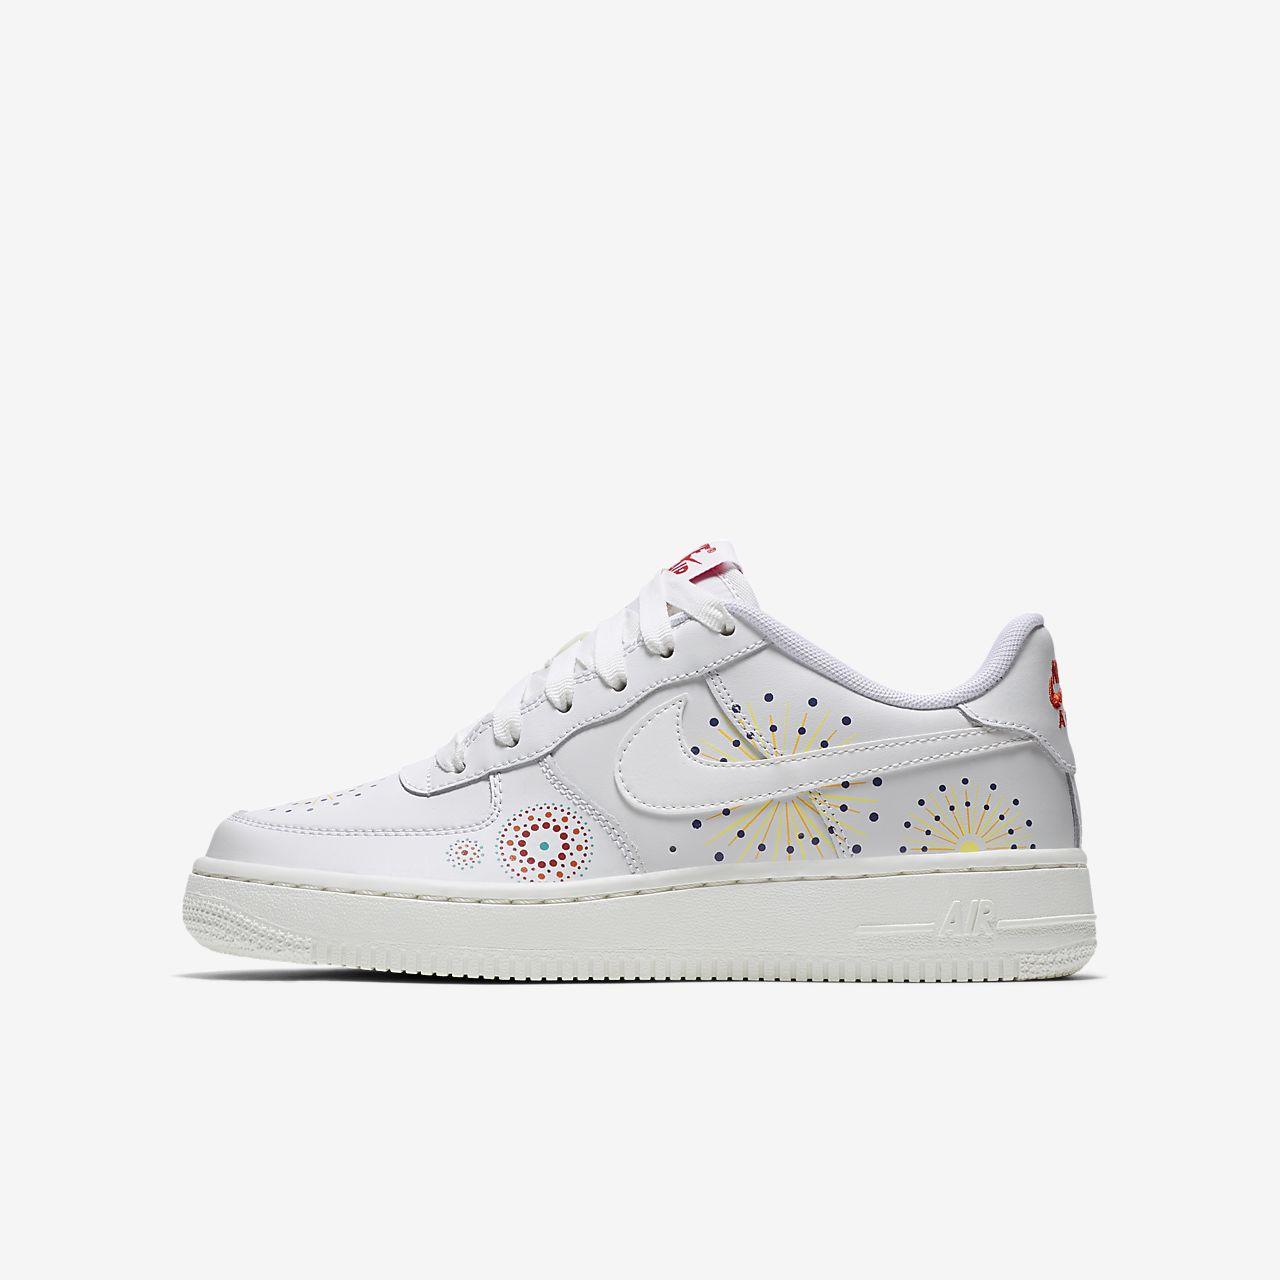 ... Chaussure Nike Air Force 1 Pinnacle QS pour Enfant plus âgé